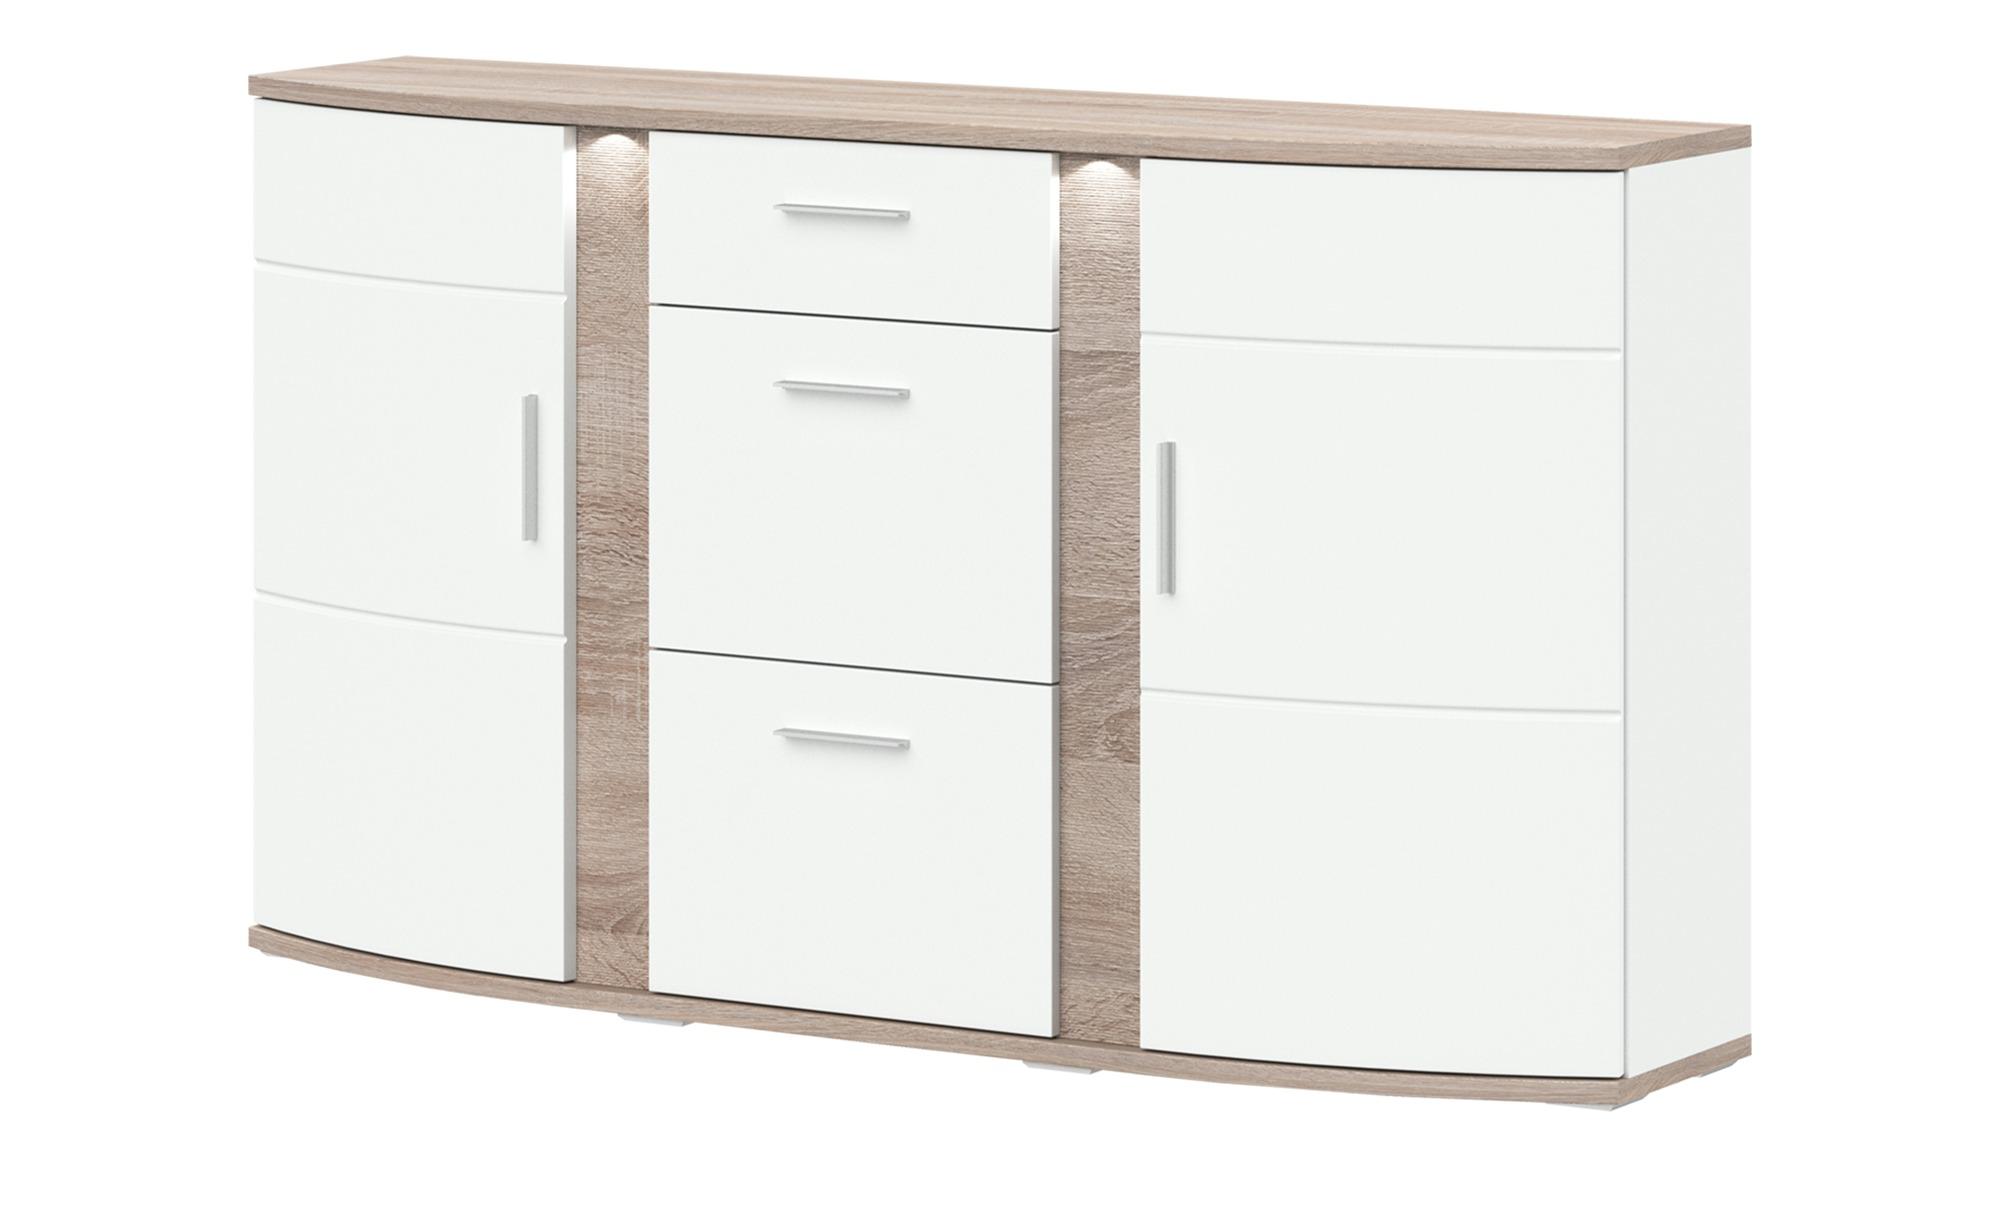 Unglaublich Highboard Kaufen Ideen Von Uno Sideboard Gabbro Breite: 164 Cm Höhe: